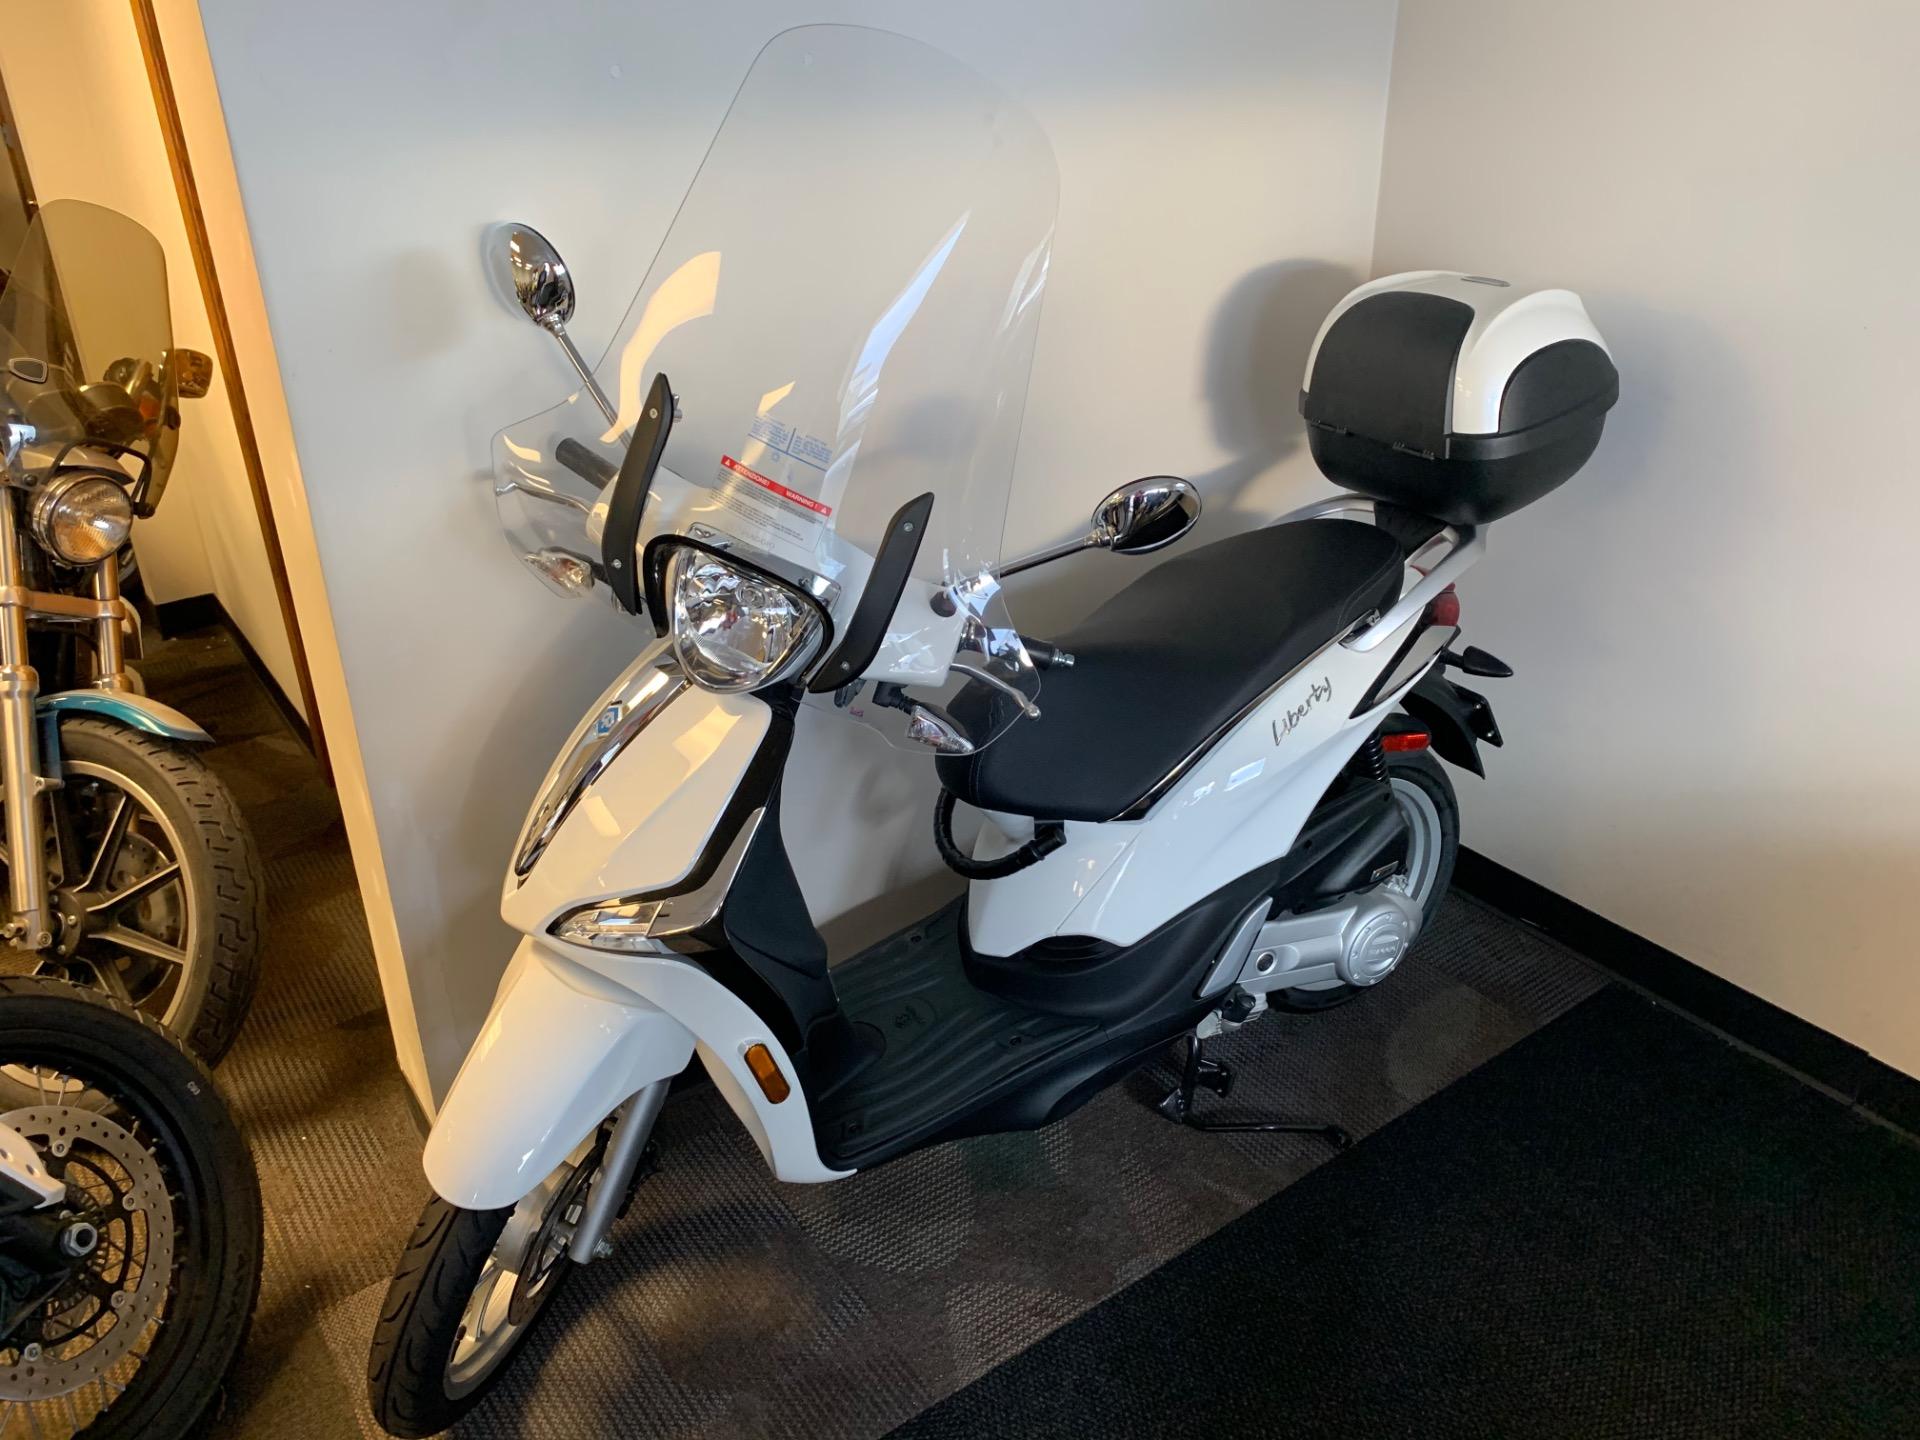 New-2019-Piaggio-Liberty-50